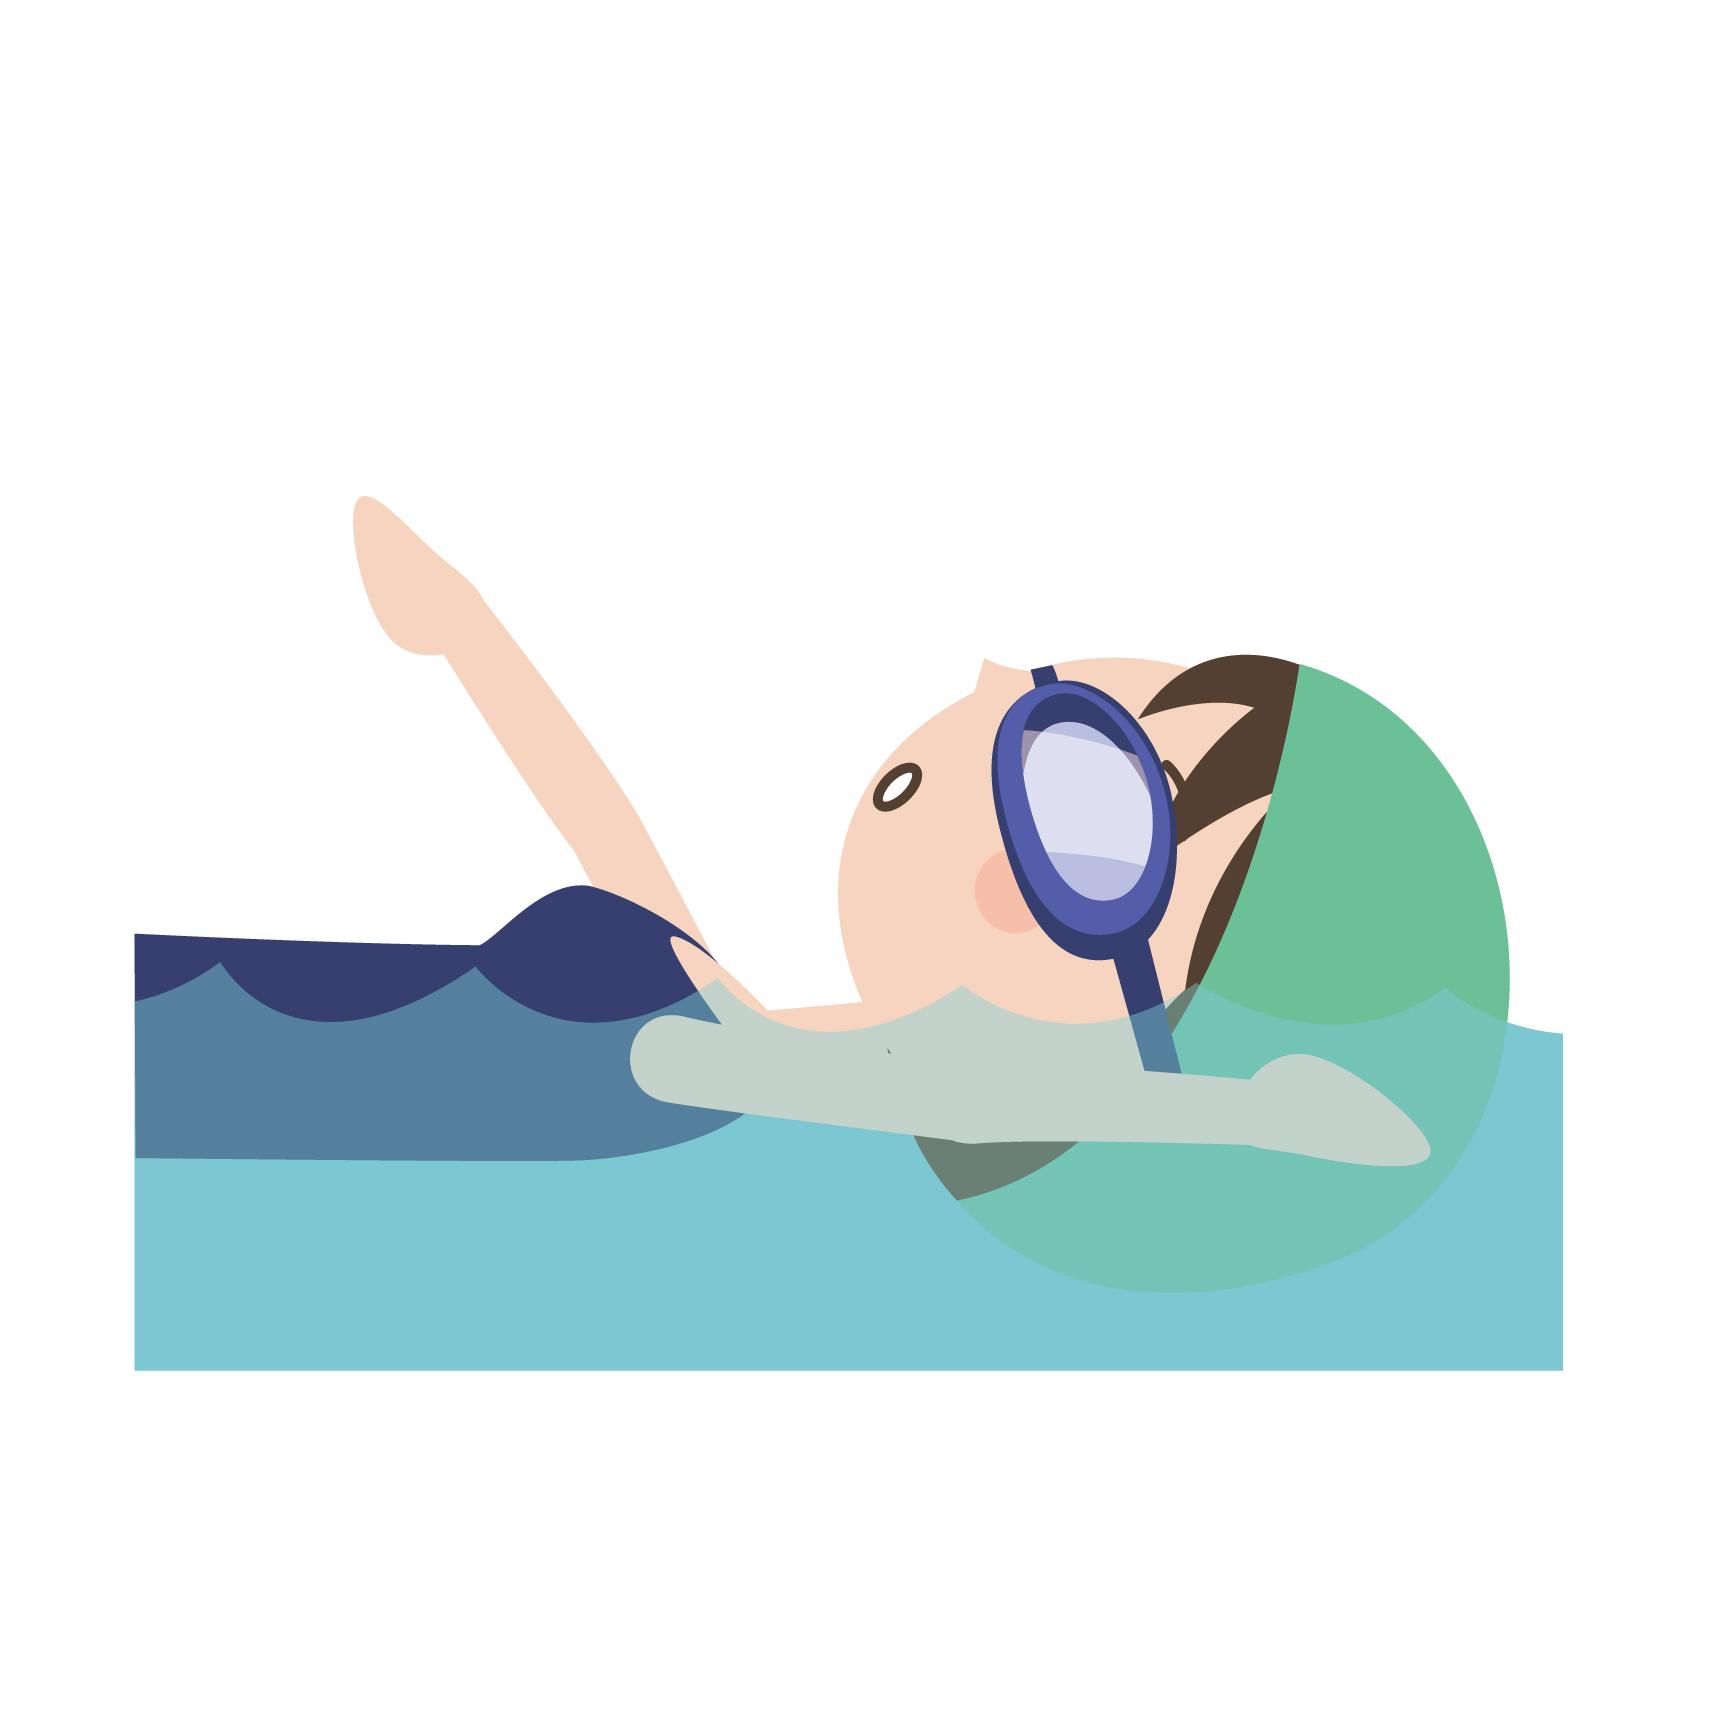 背泳ぎの泳ぎ方のコツ|背泳ぎの...